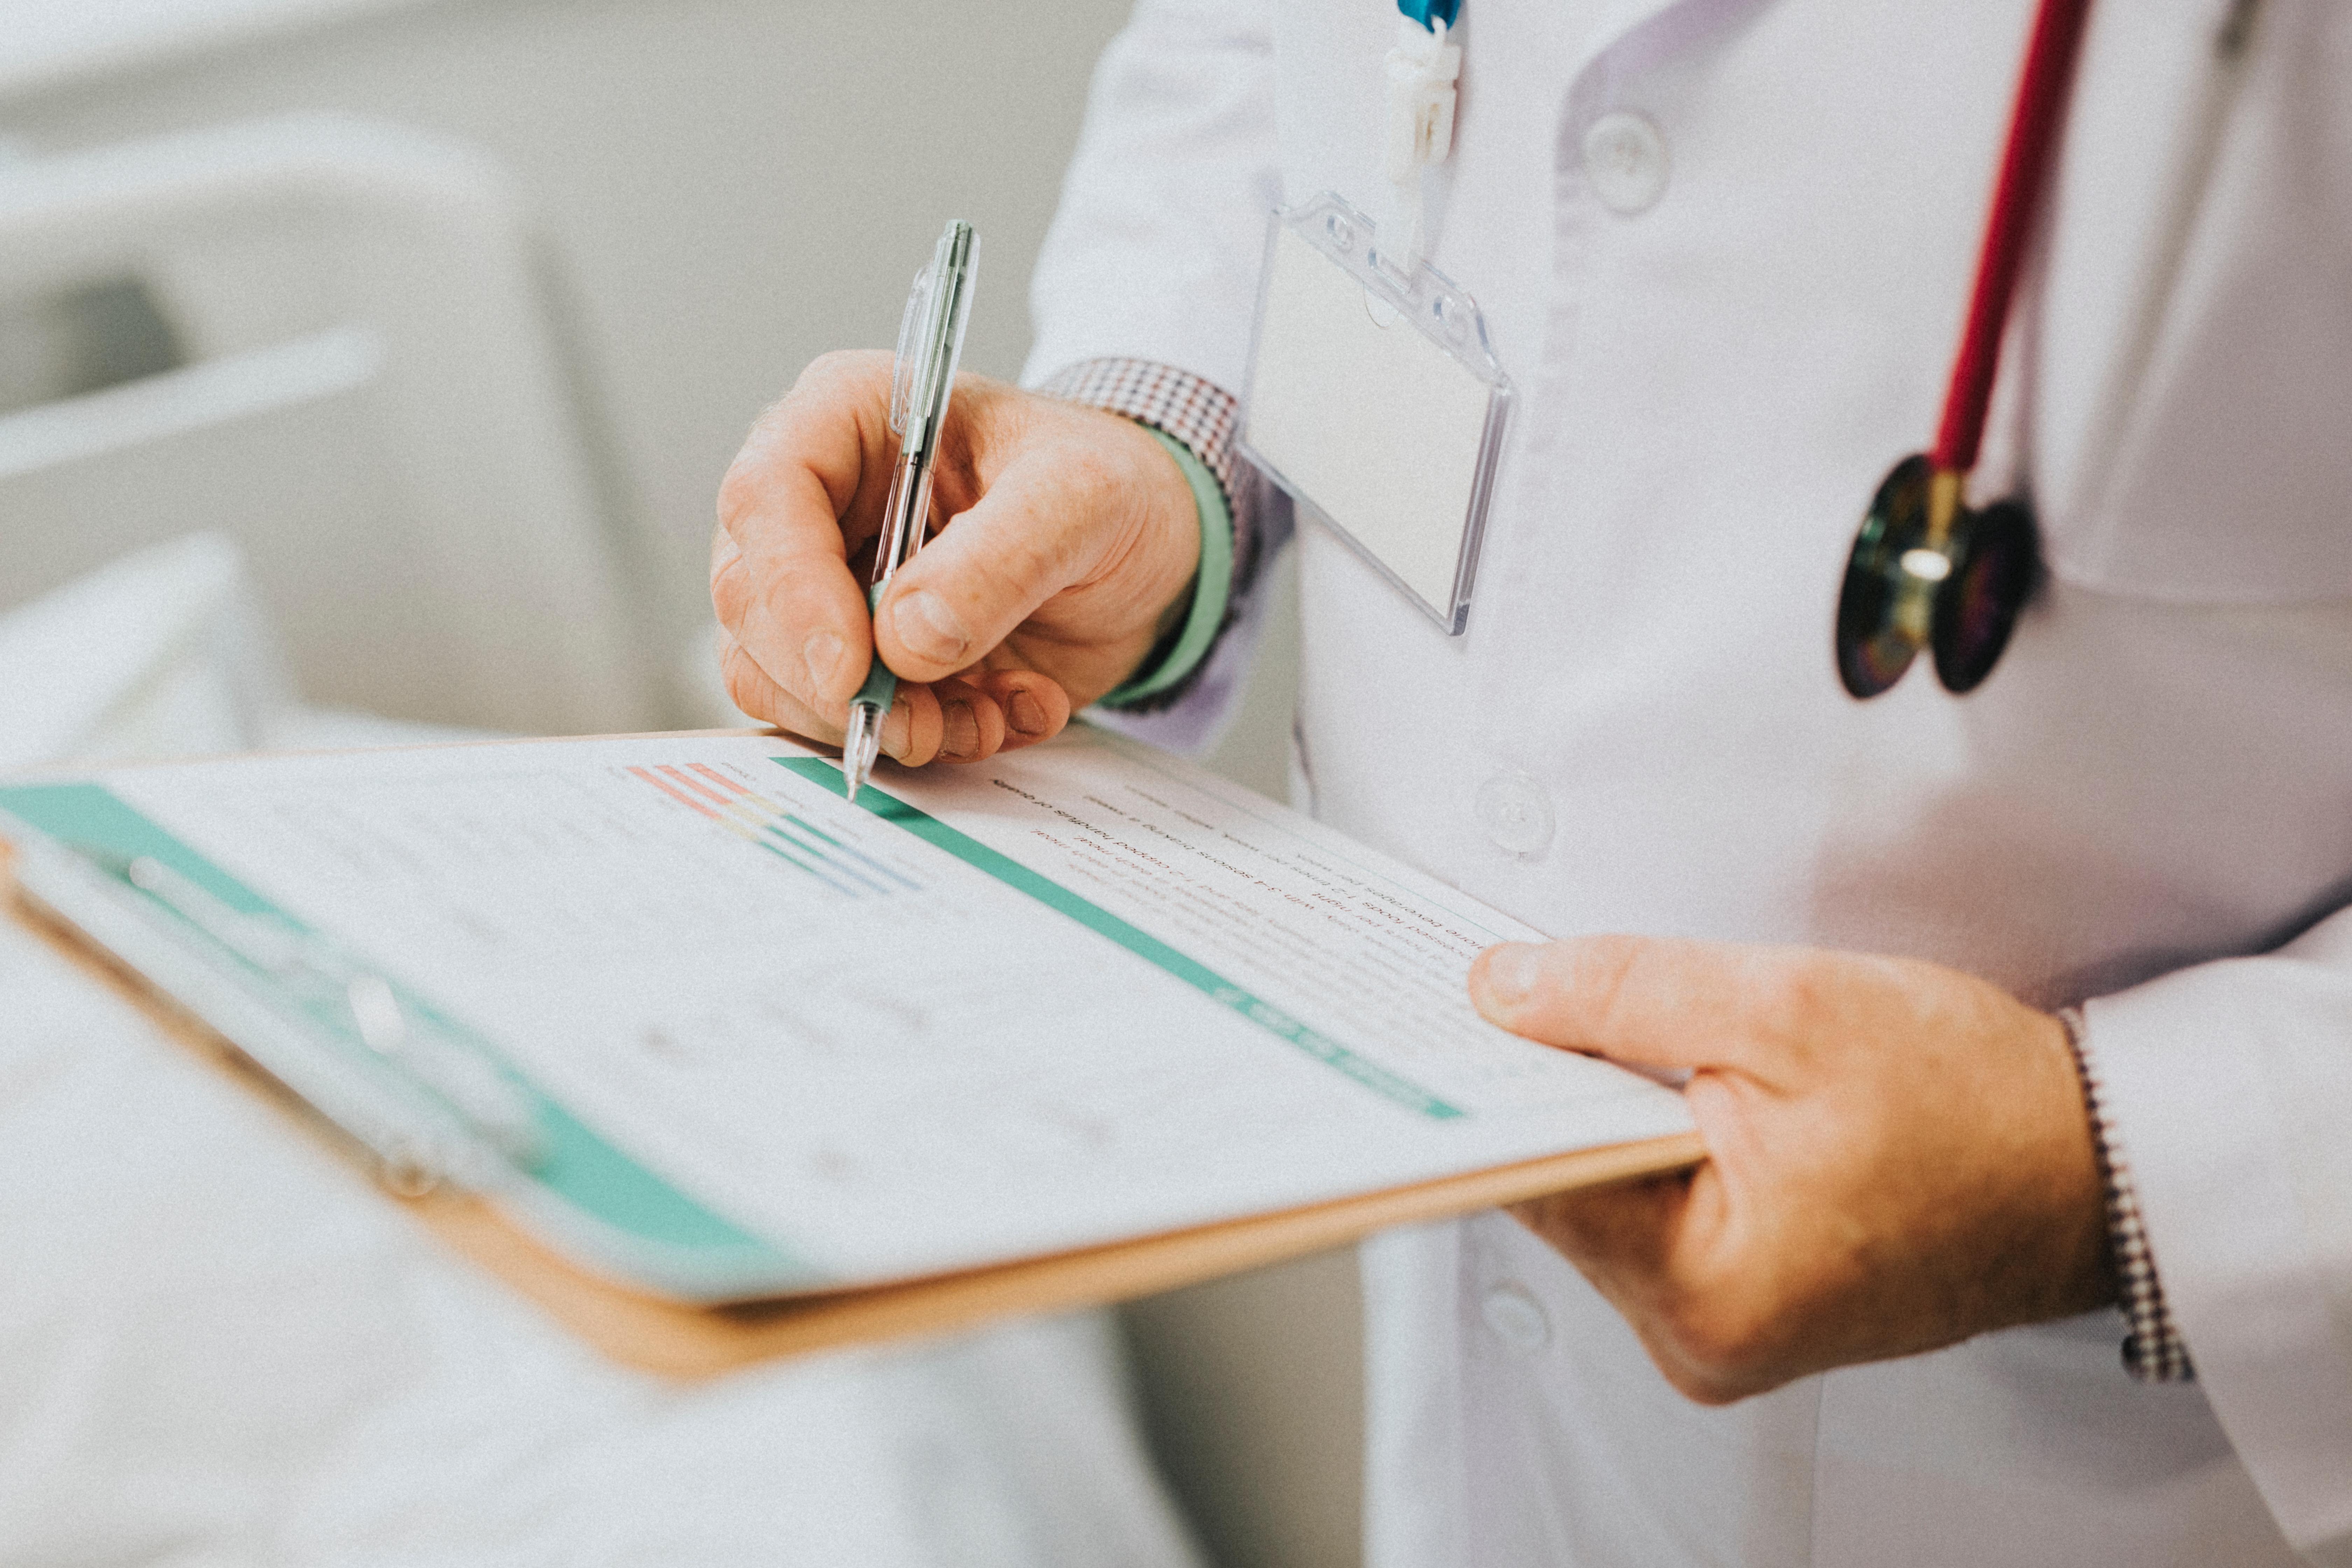 ¿Cuales son los tipos de médicos más conocidos?